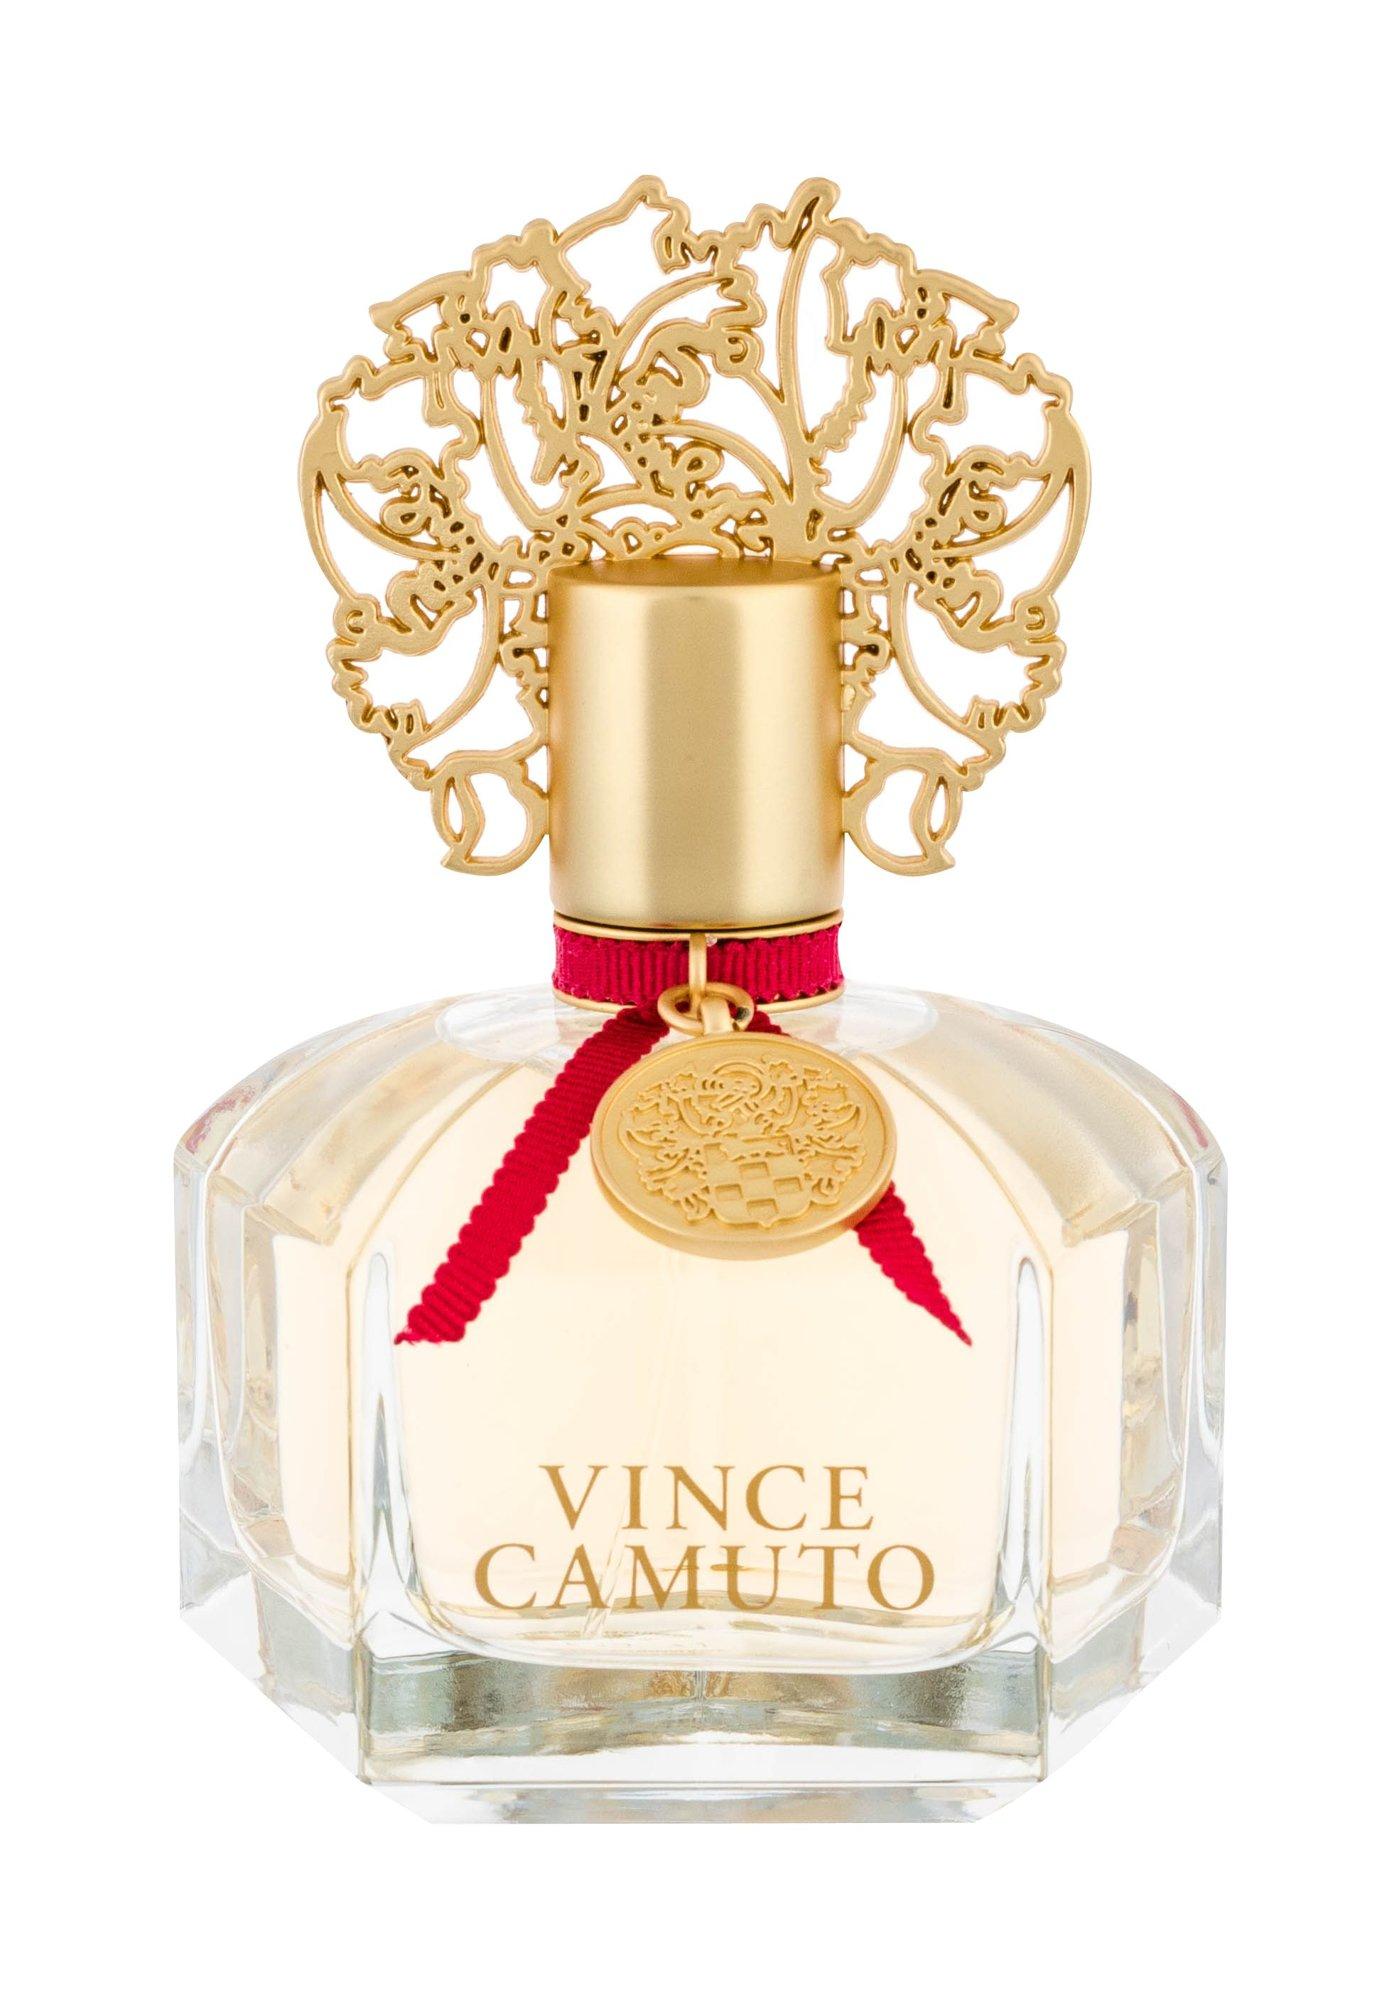 Vince Camuto Vince Camuto Eau de Parfum 100ml